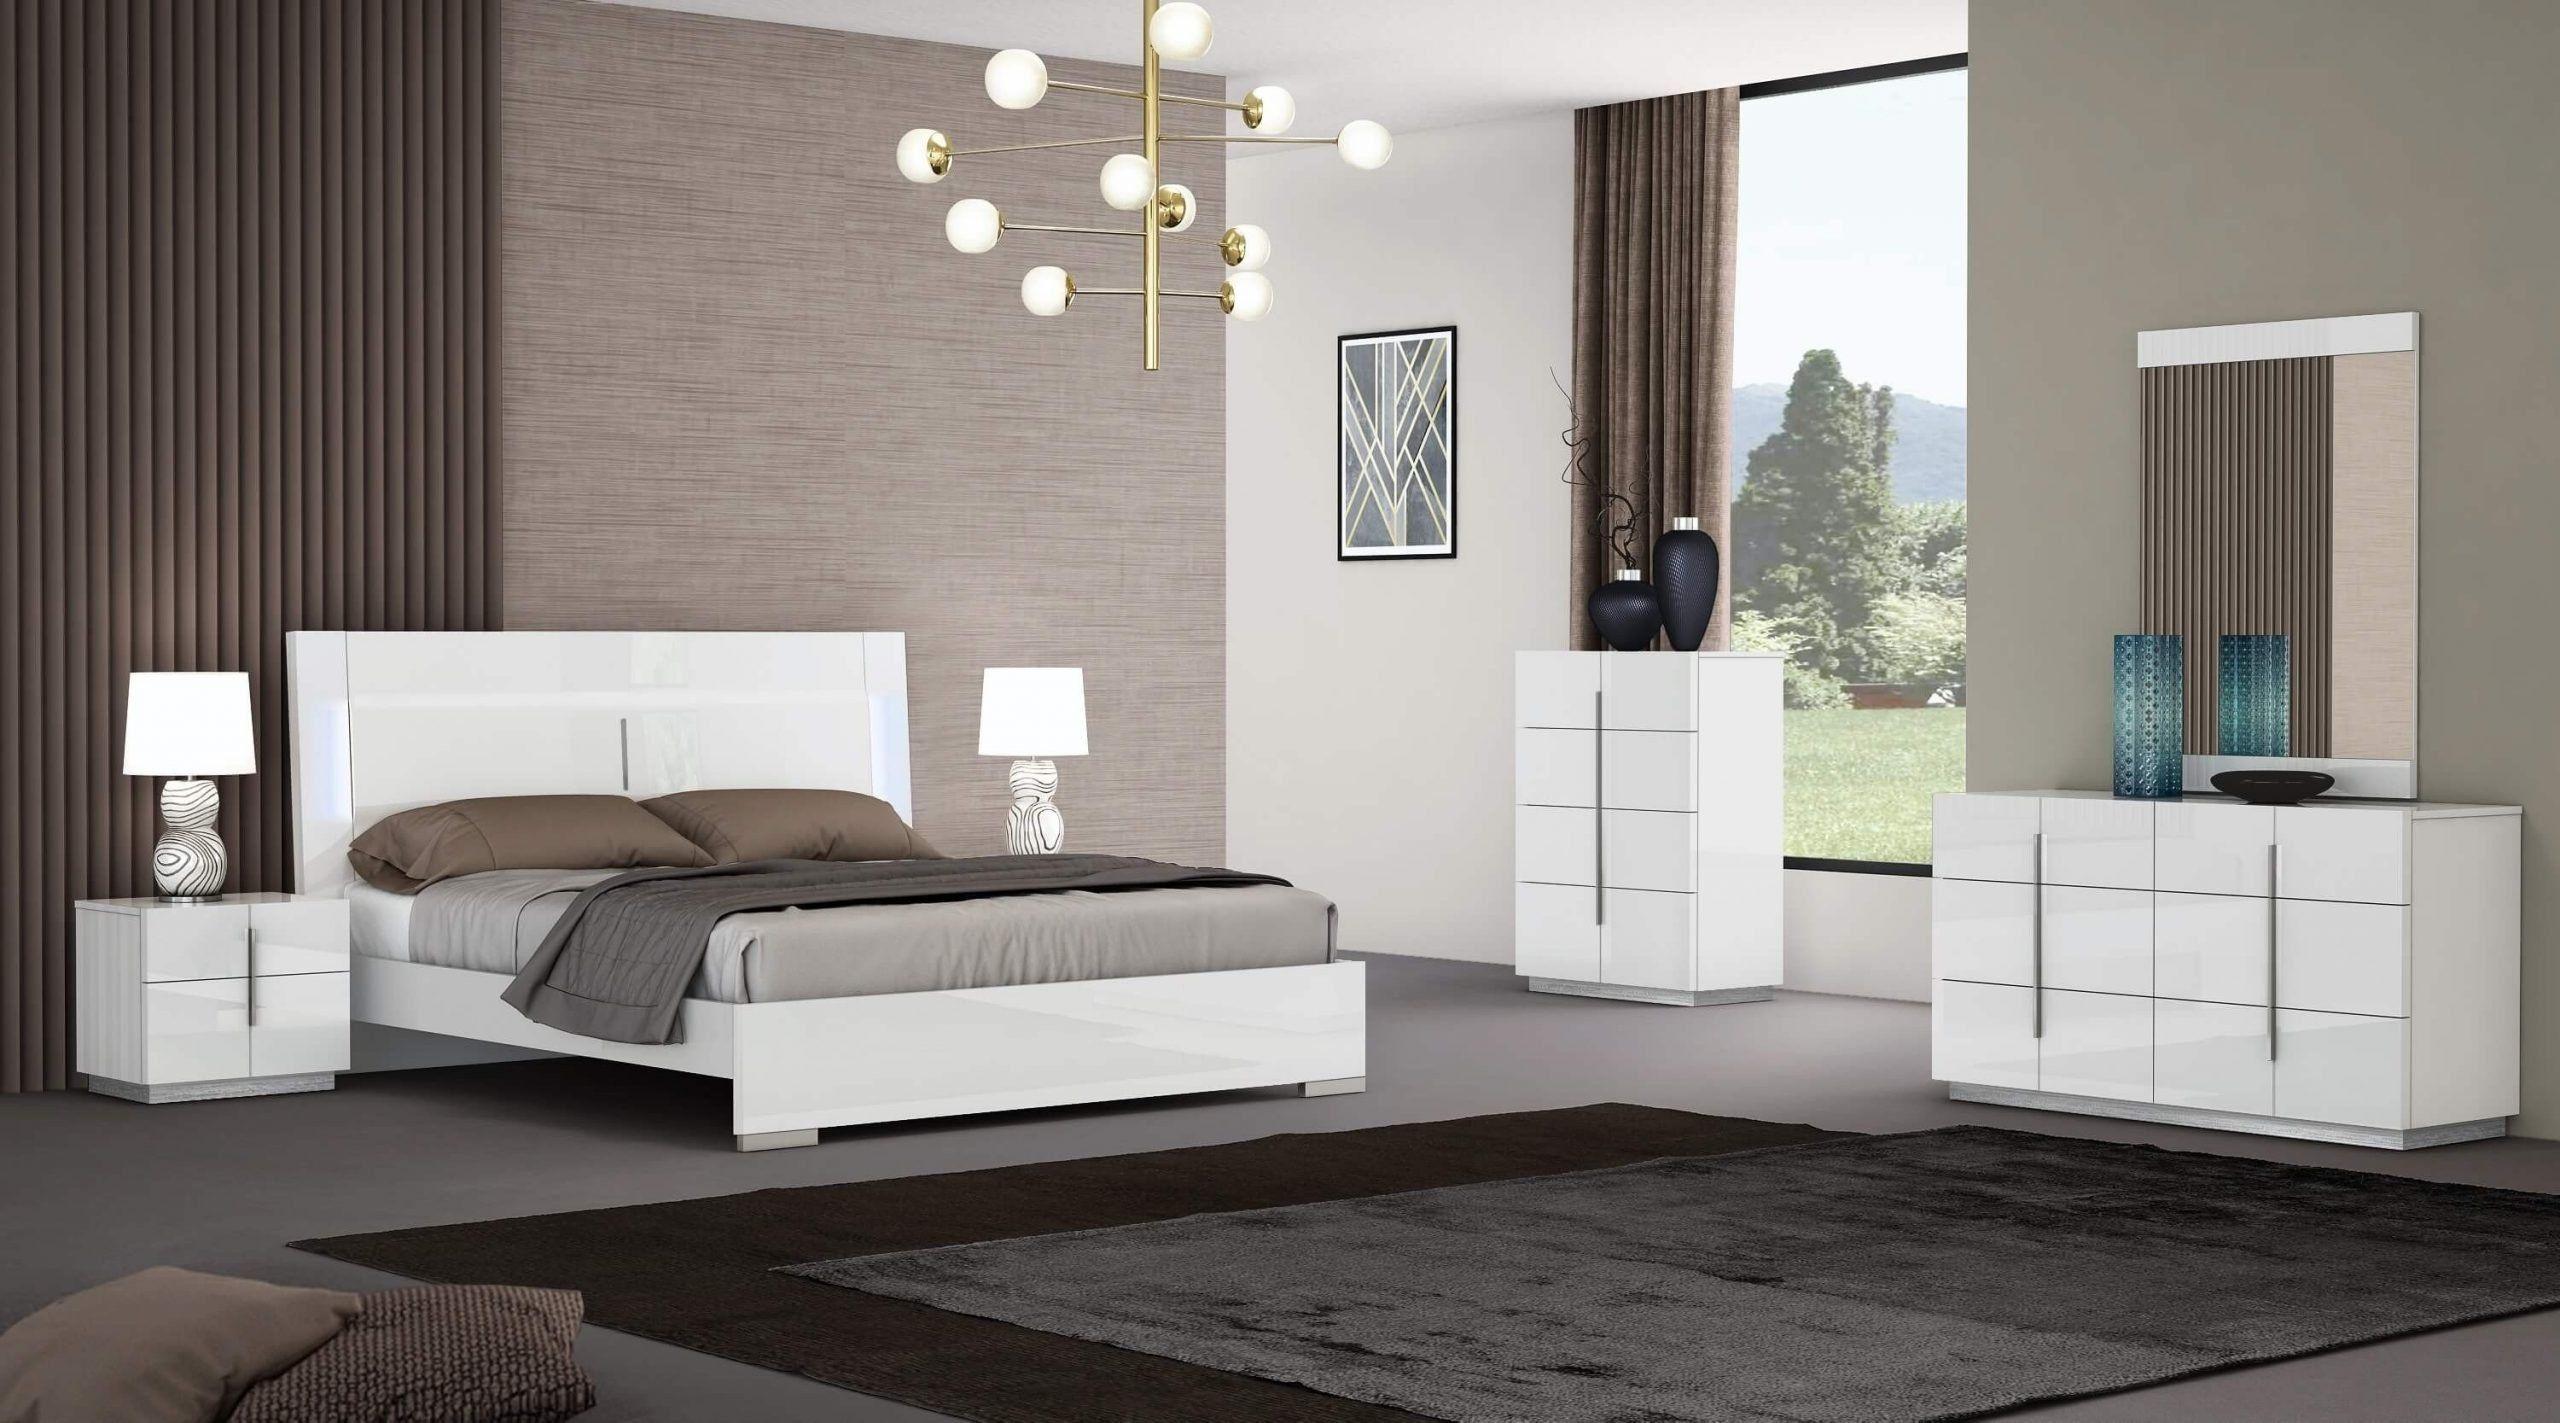 White Lacquer Bedroom Set Oslo Premium Lacquer Platform Bedroom Set Platform Bedroom Sets Platform Bedroom Bedroom Set